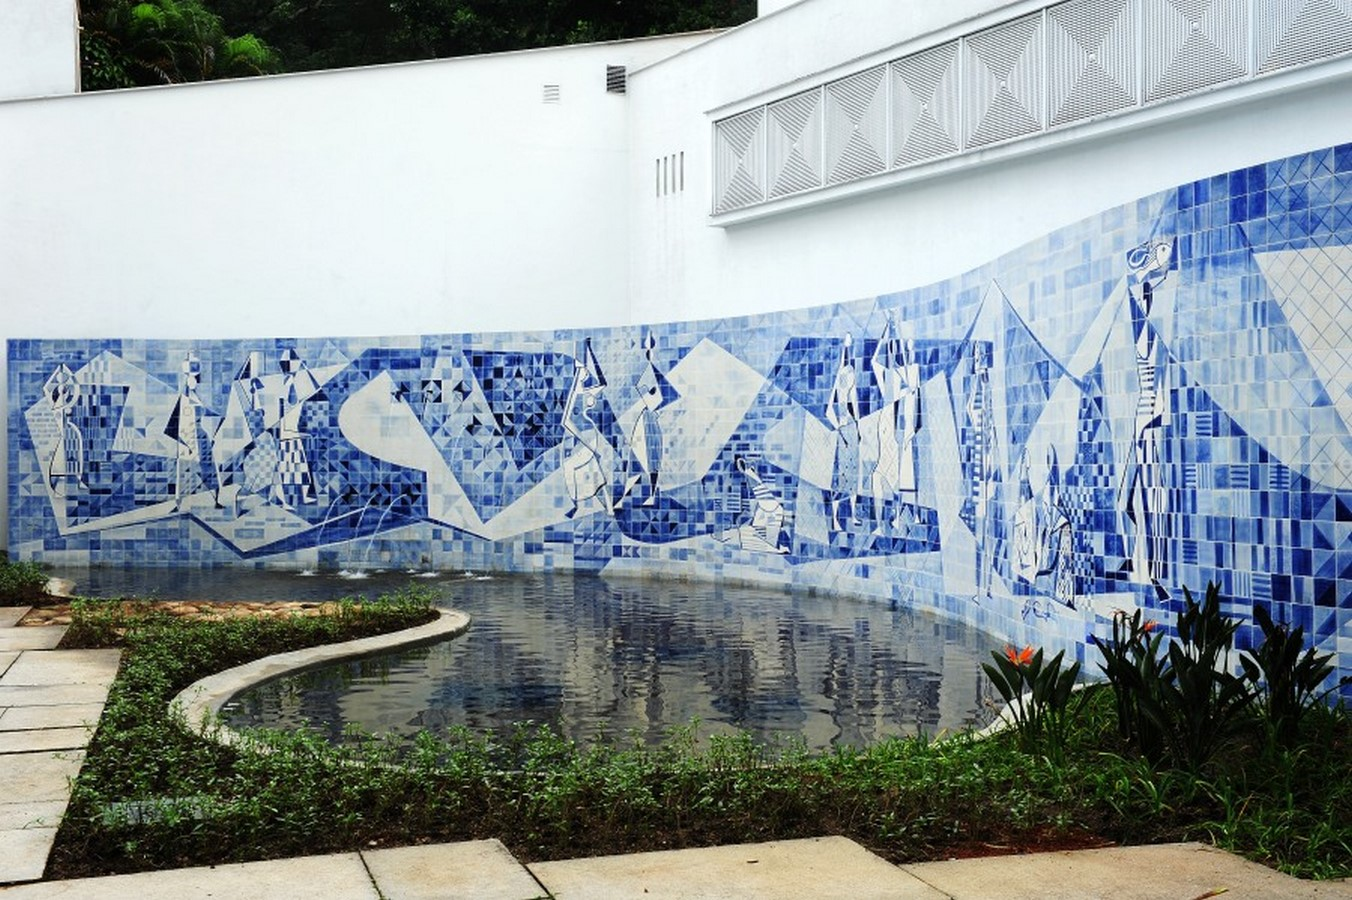 Instituto Moreira Salles, Rio de Janeiro - Sheet1